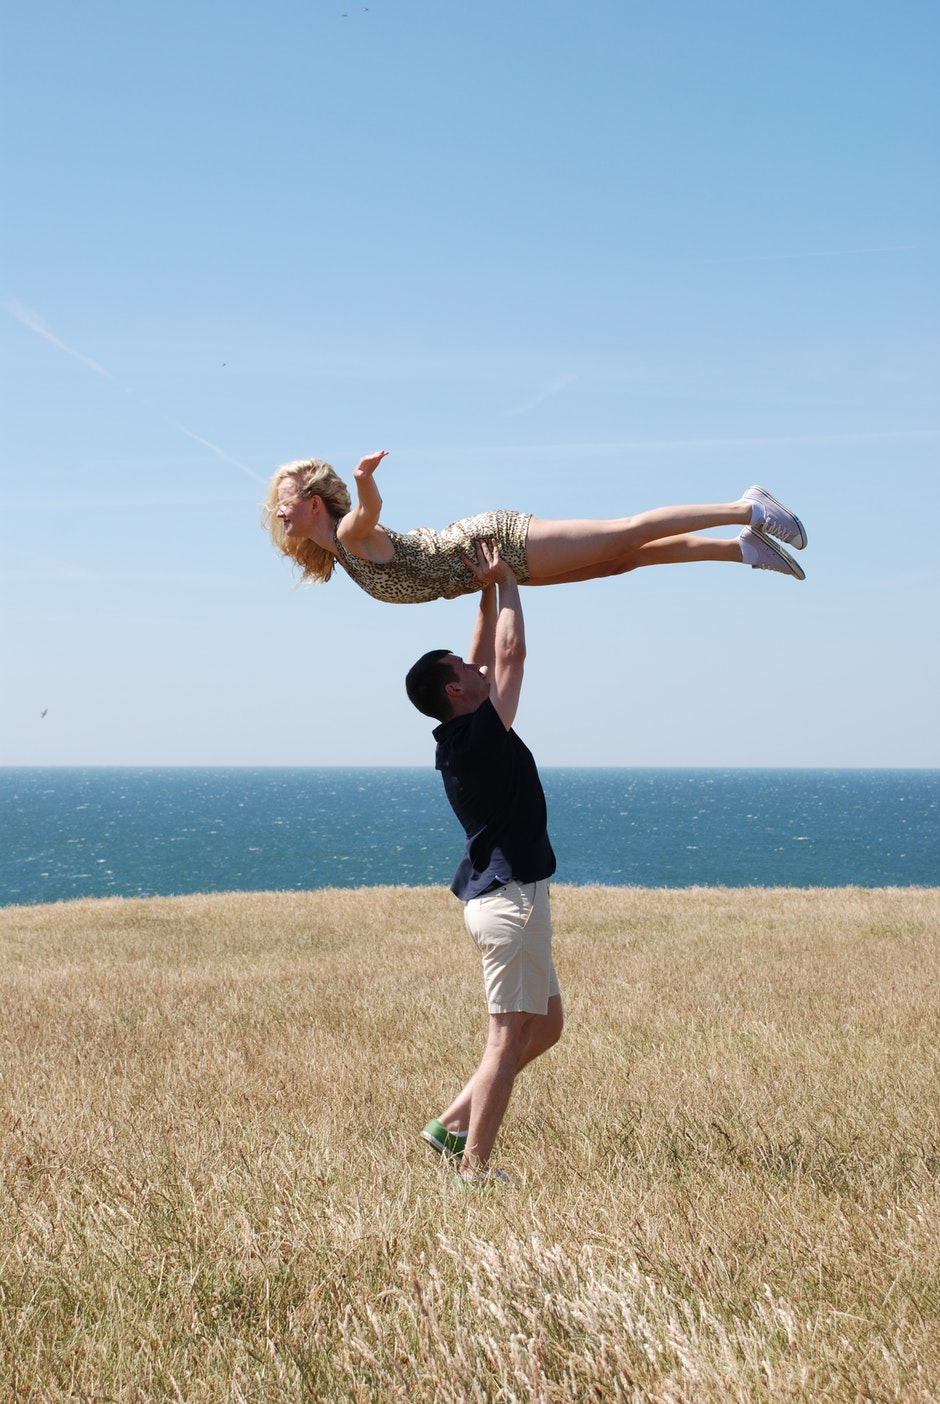 couple, enjoyment, freedom